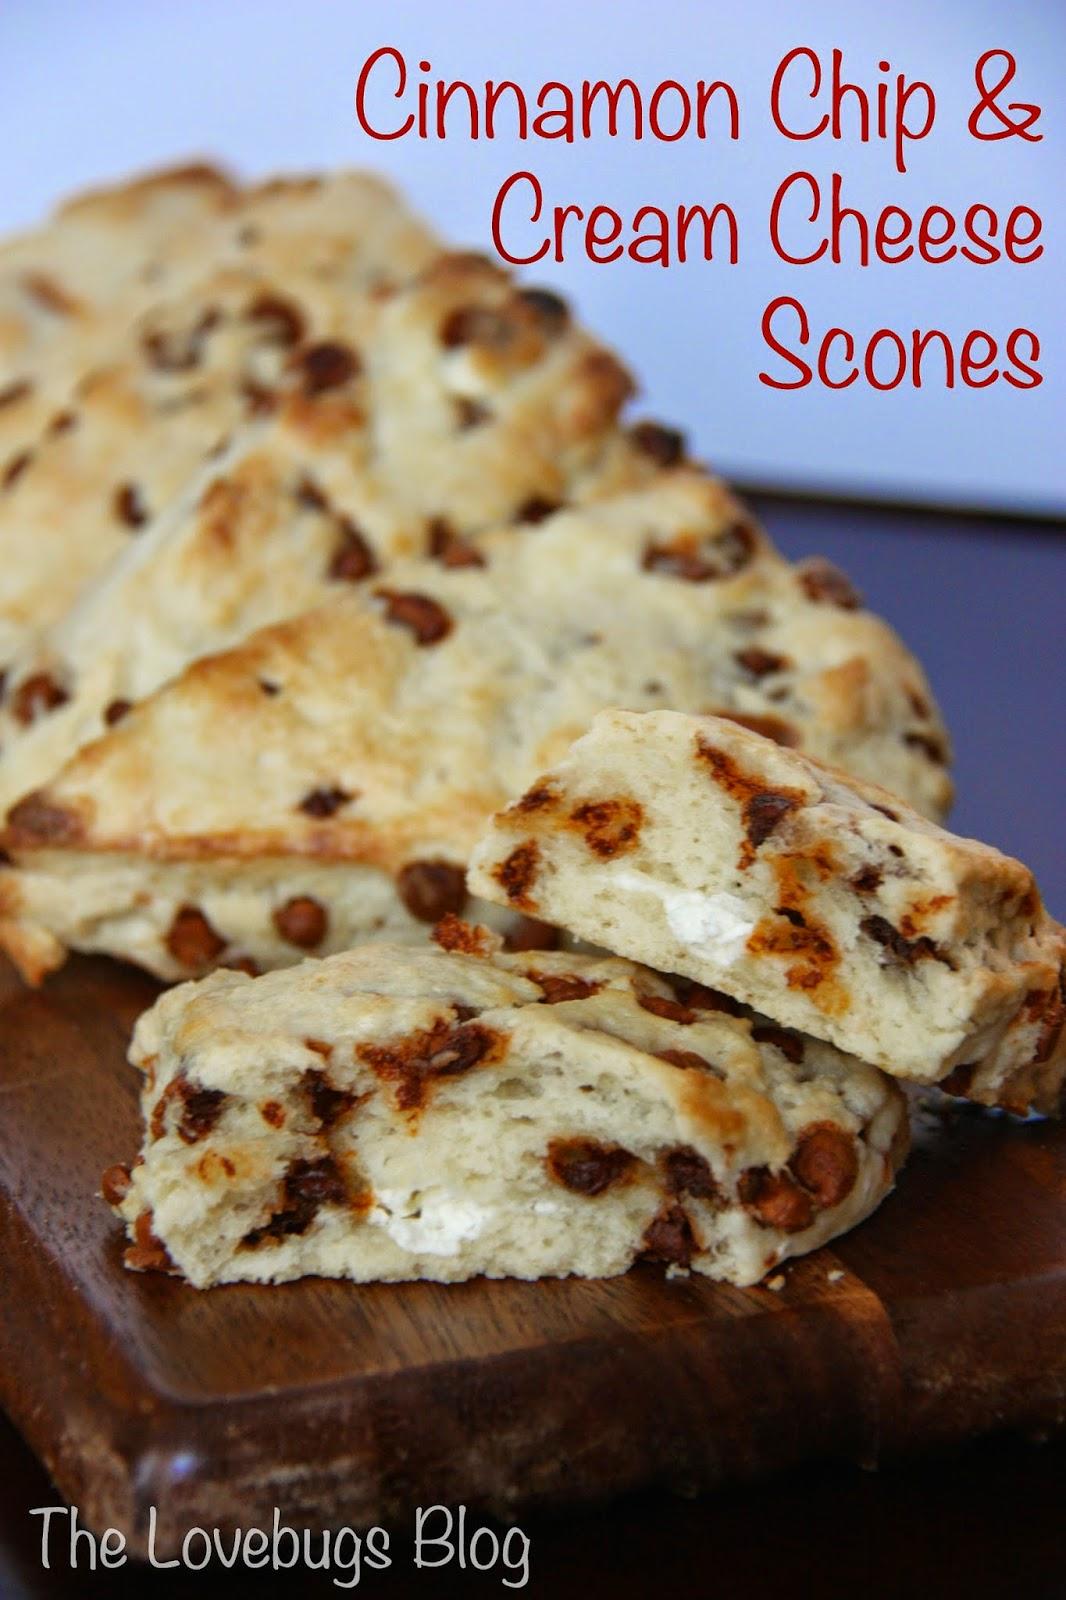 Cinnamon Chip & Cream Cheese Scone Recipe